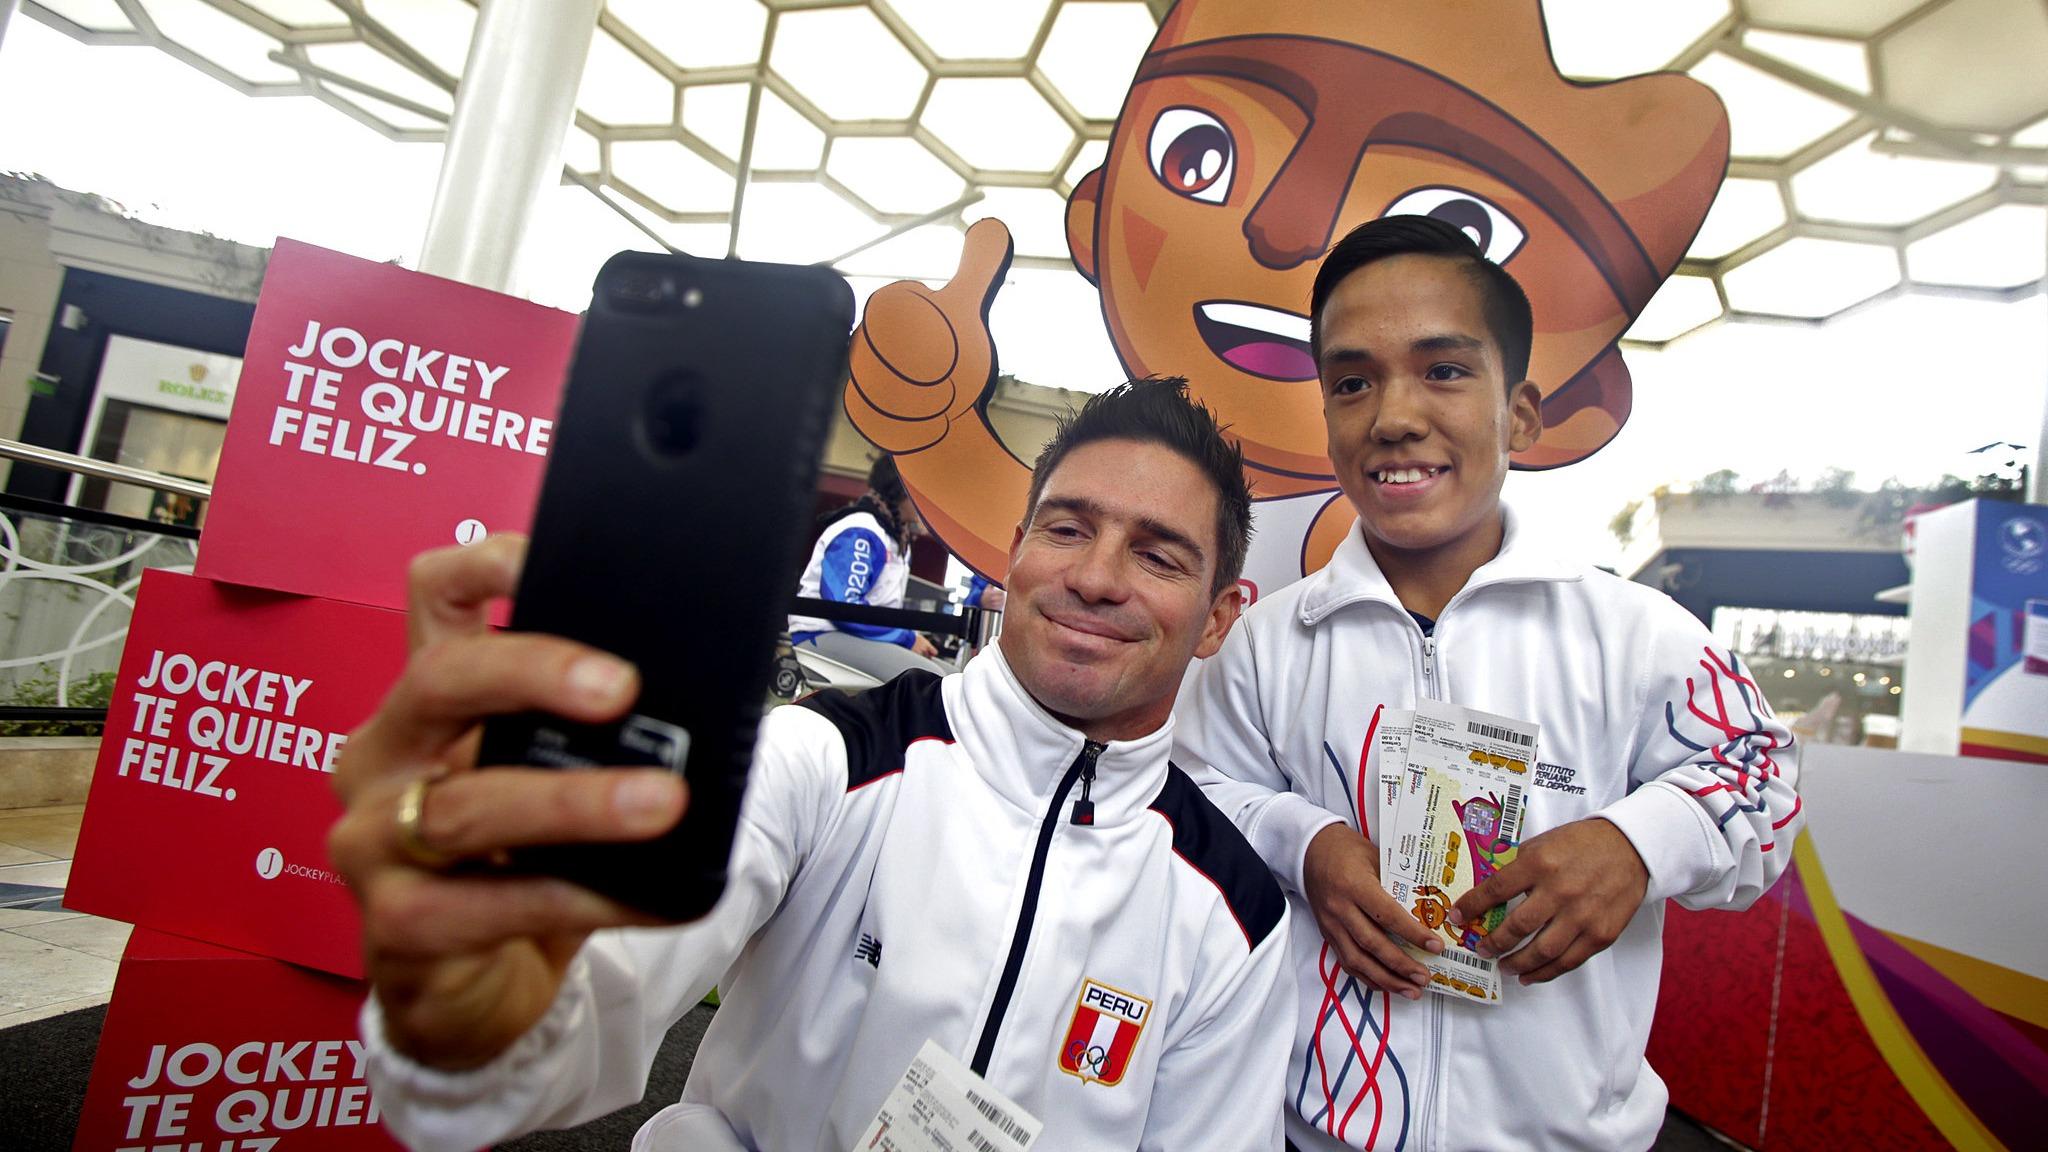 El reto que Piccolo Clemente y Jesús Salvá deberán cumplir si el badmintonista gana el oro en los Parapanamericanos